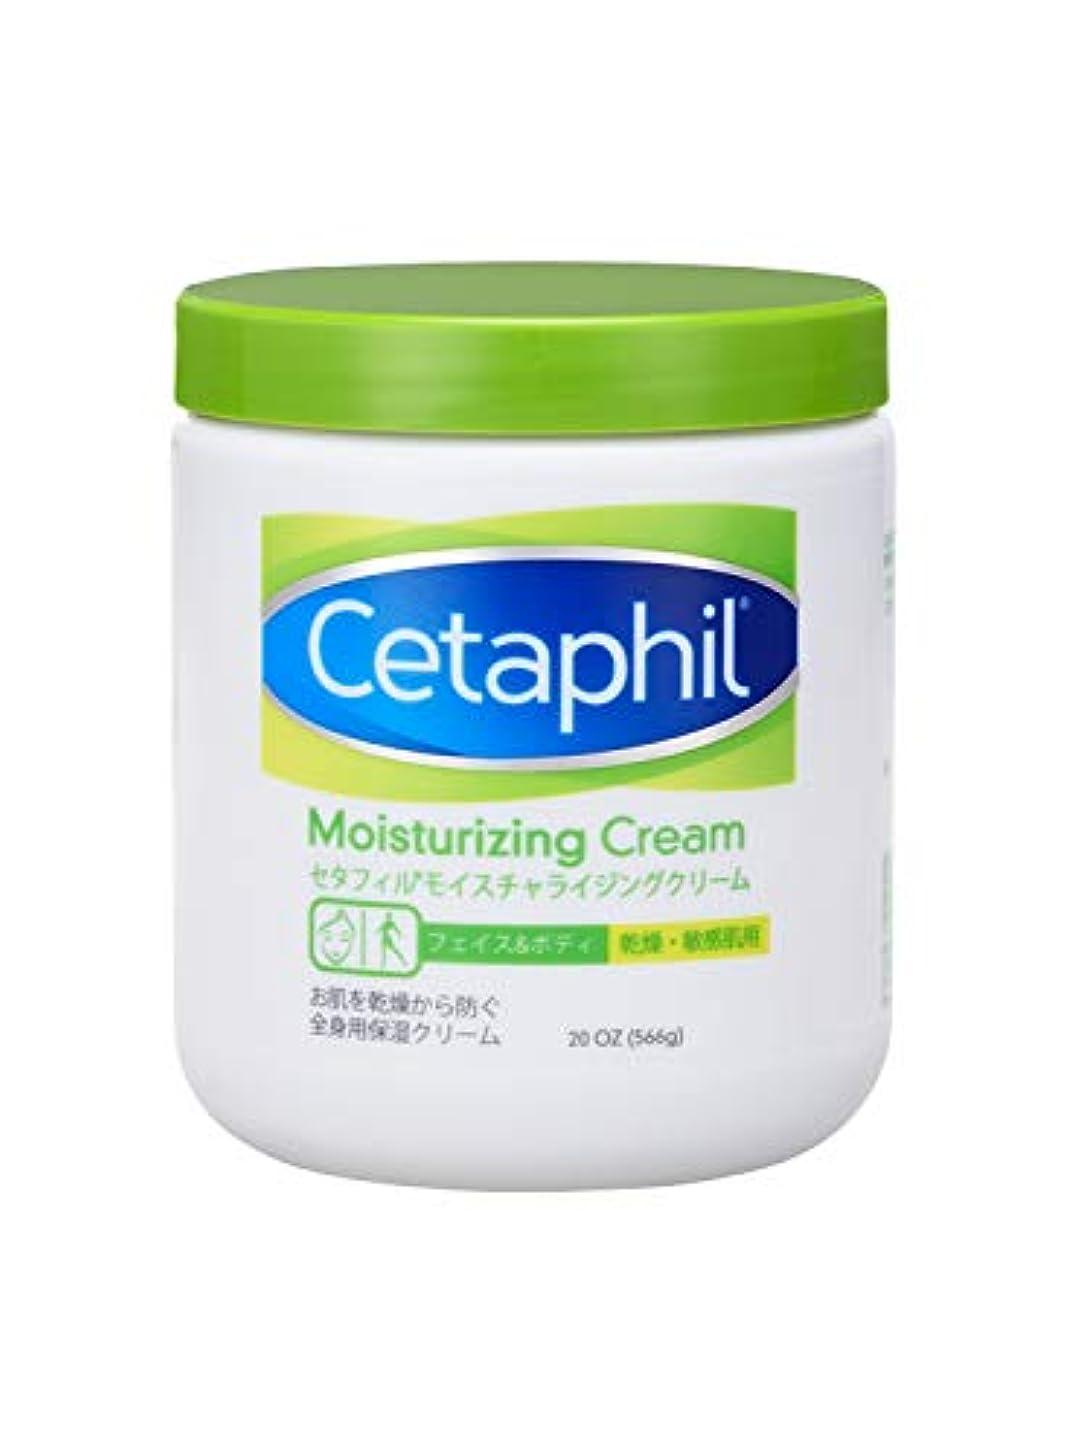 損傷相手壮大なセタフィル Cetaphil ® モイスチャライジングクリーム 566ml ( フェイス & ボディ 保湿クリーム クリーム )